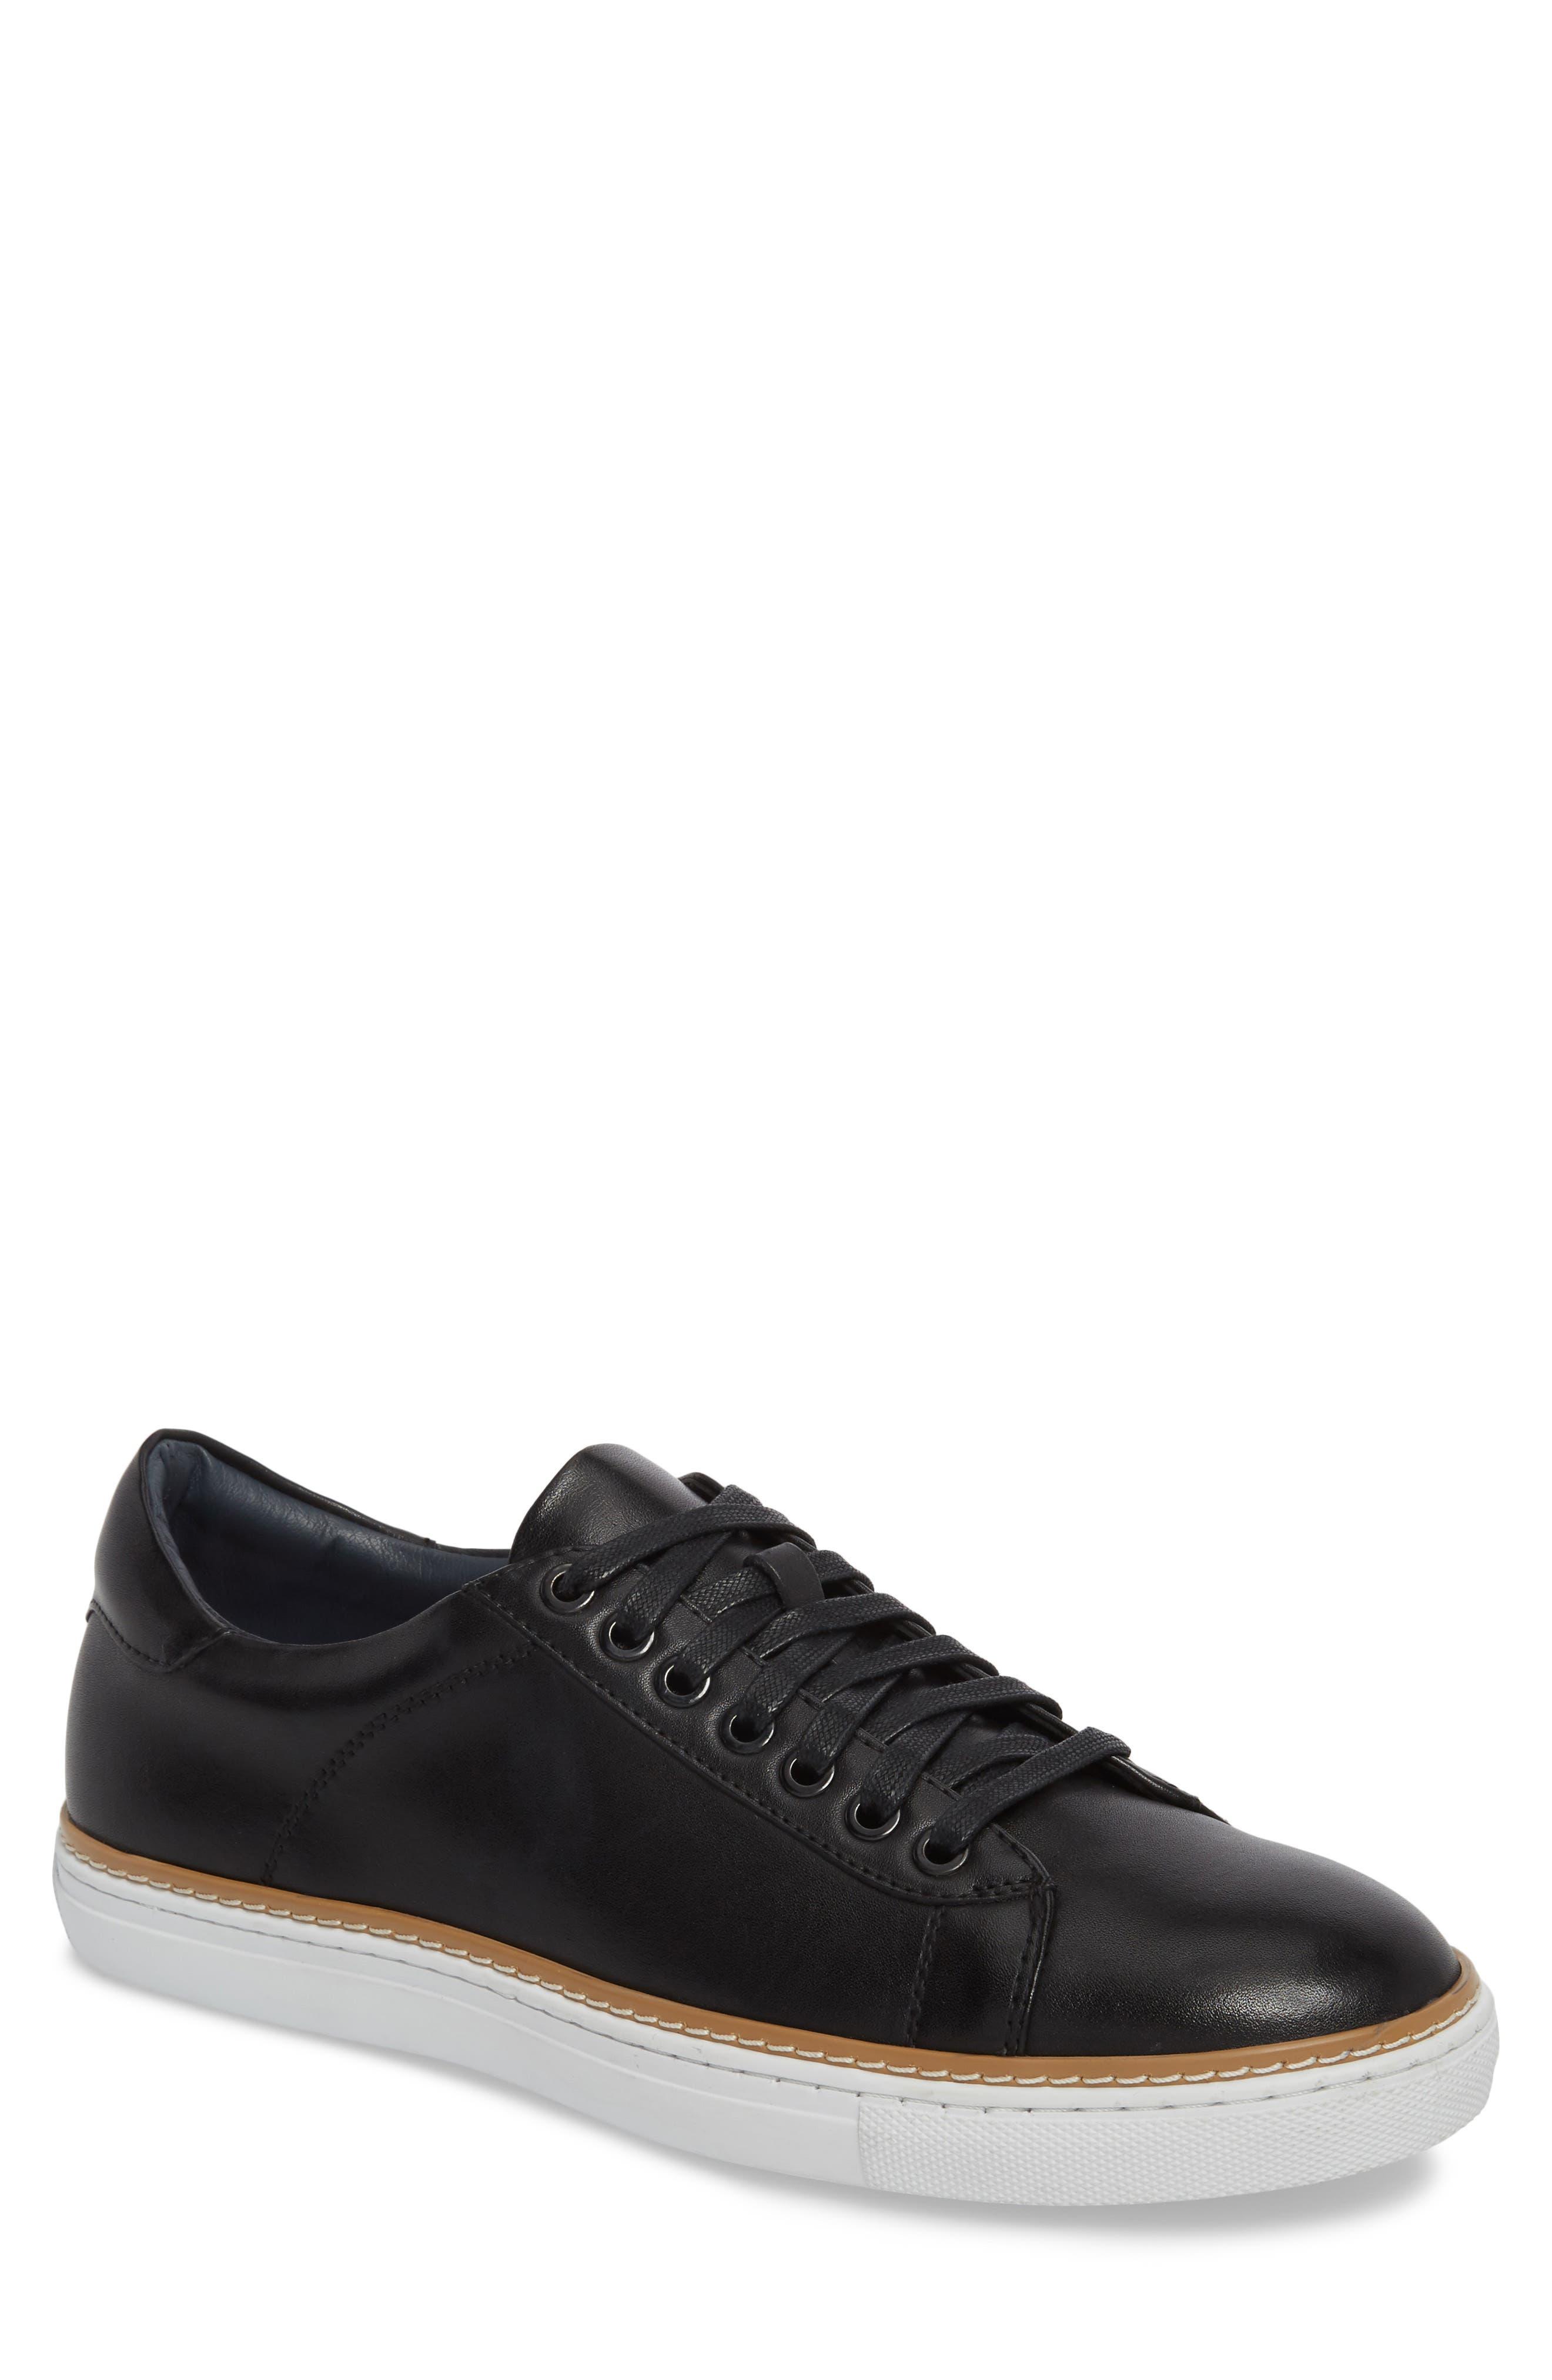 Juniper Low Top Sneaker,                             Main thumbnail 1, color,                             BLACK LEATHER